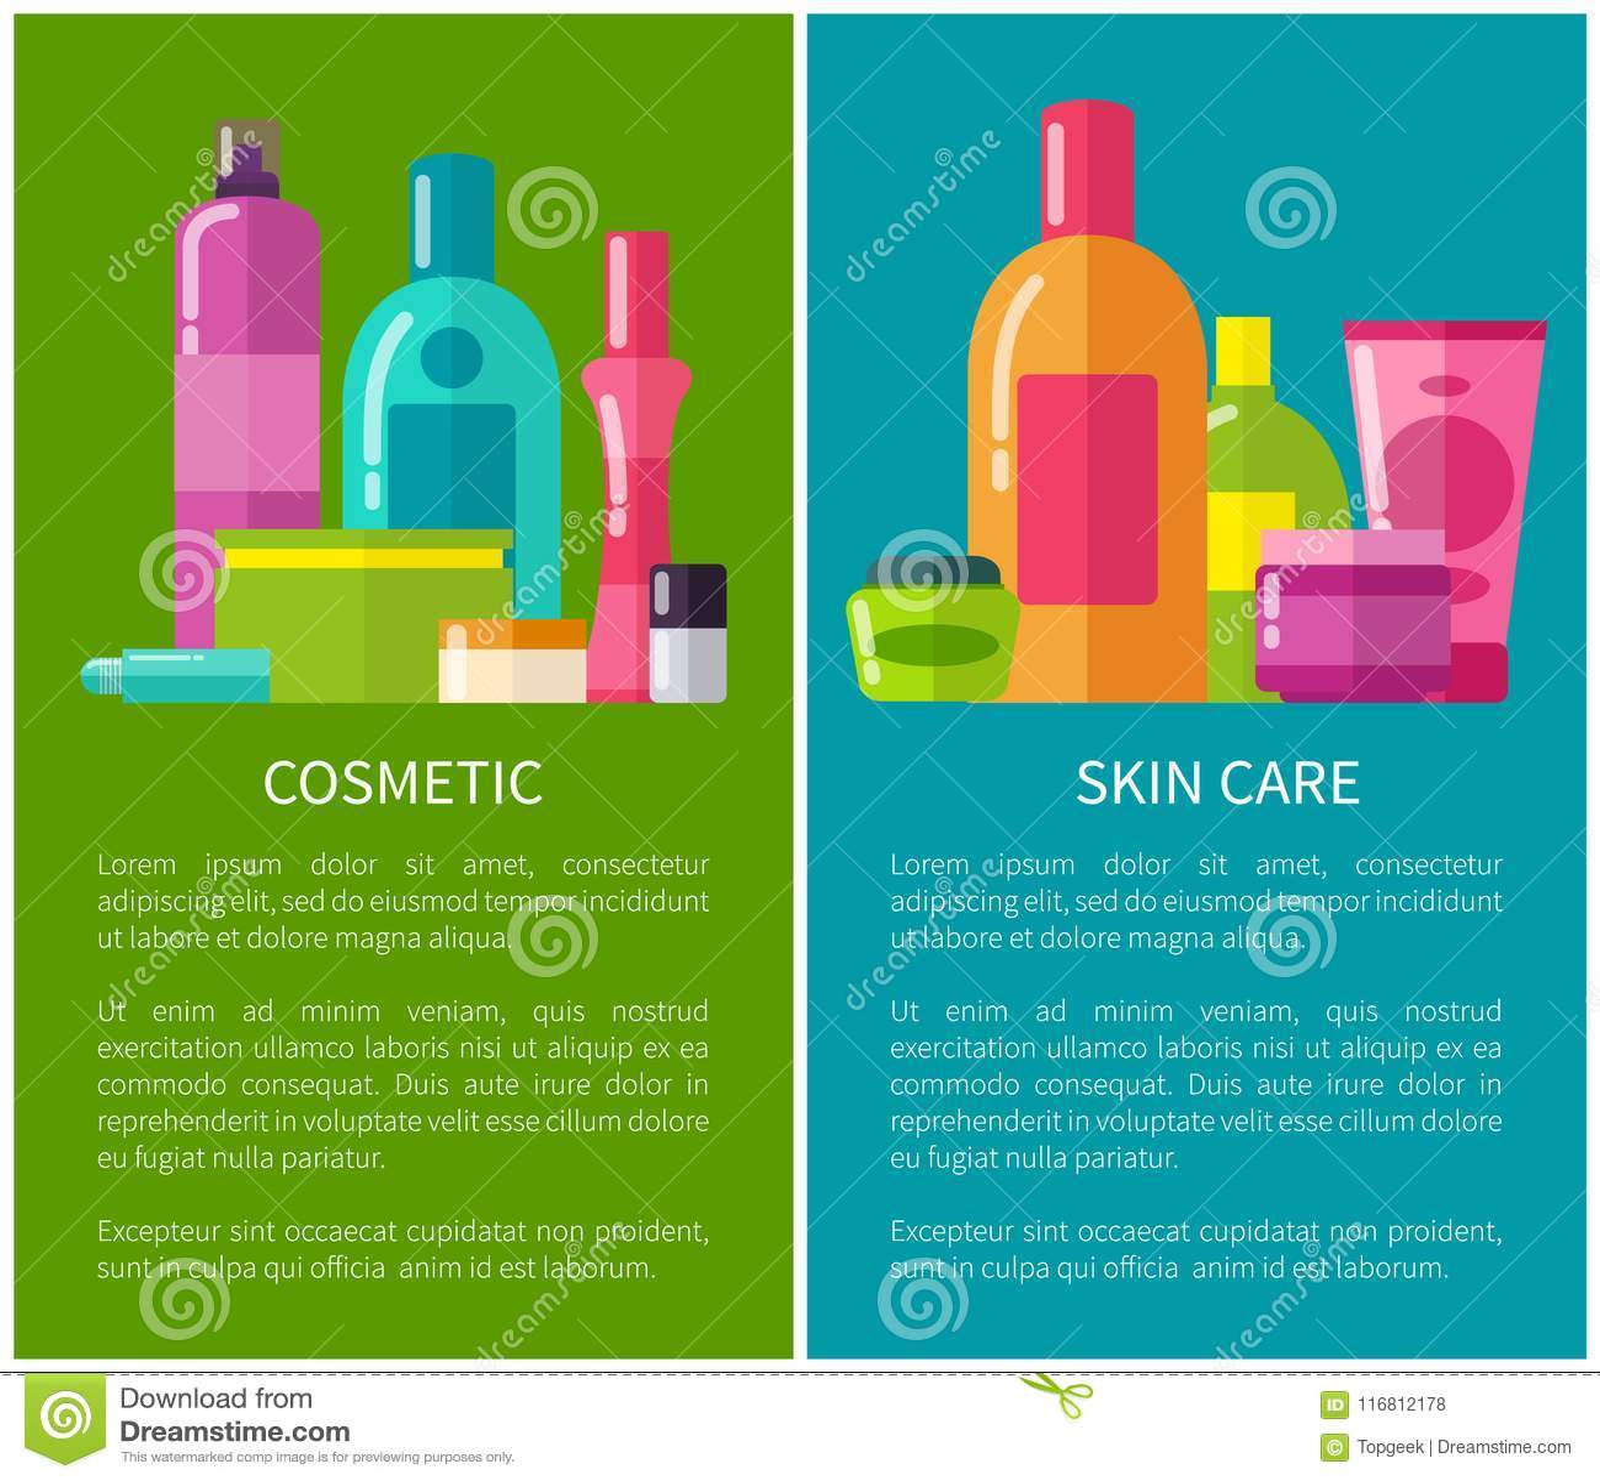 Illustrazione di vettore delle insegne di cura di pelle e del cosmetico